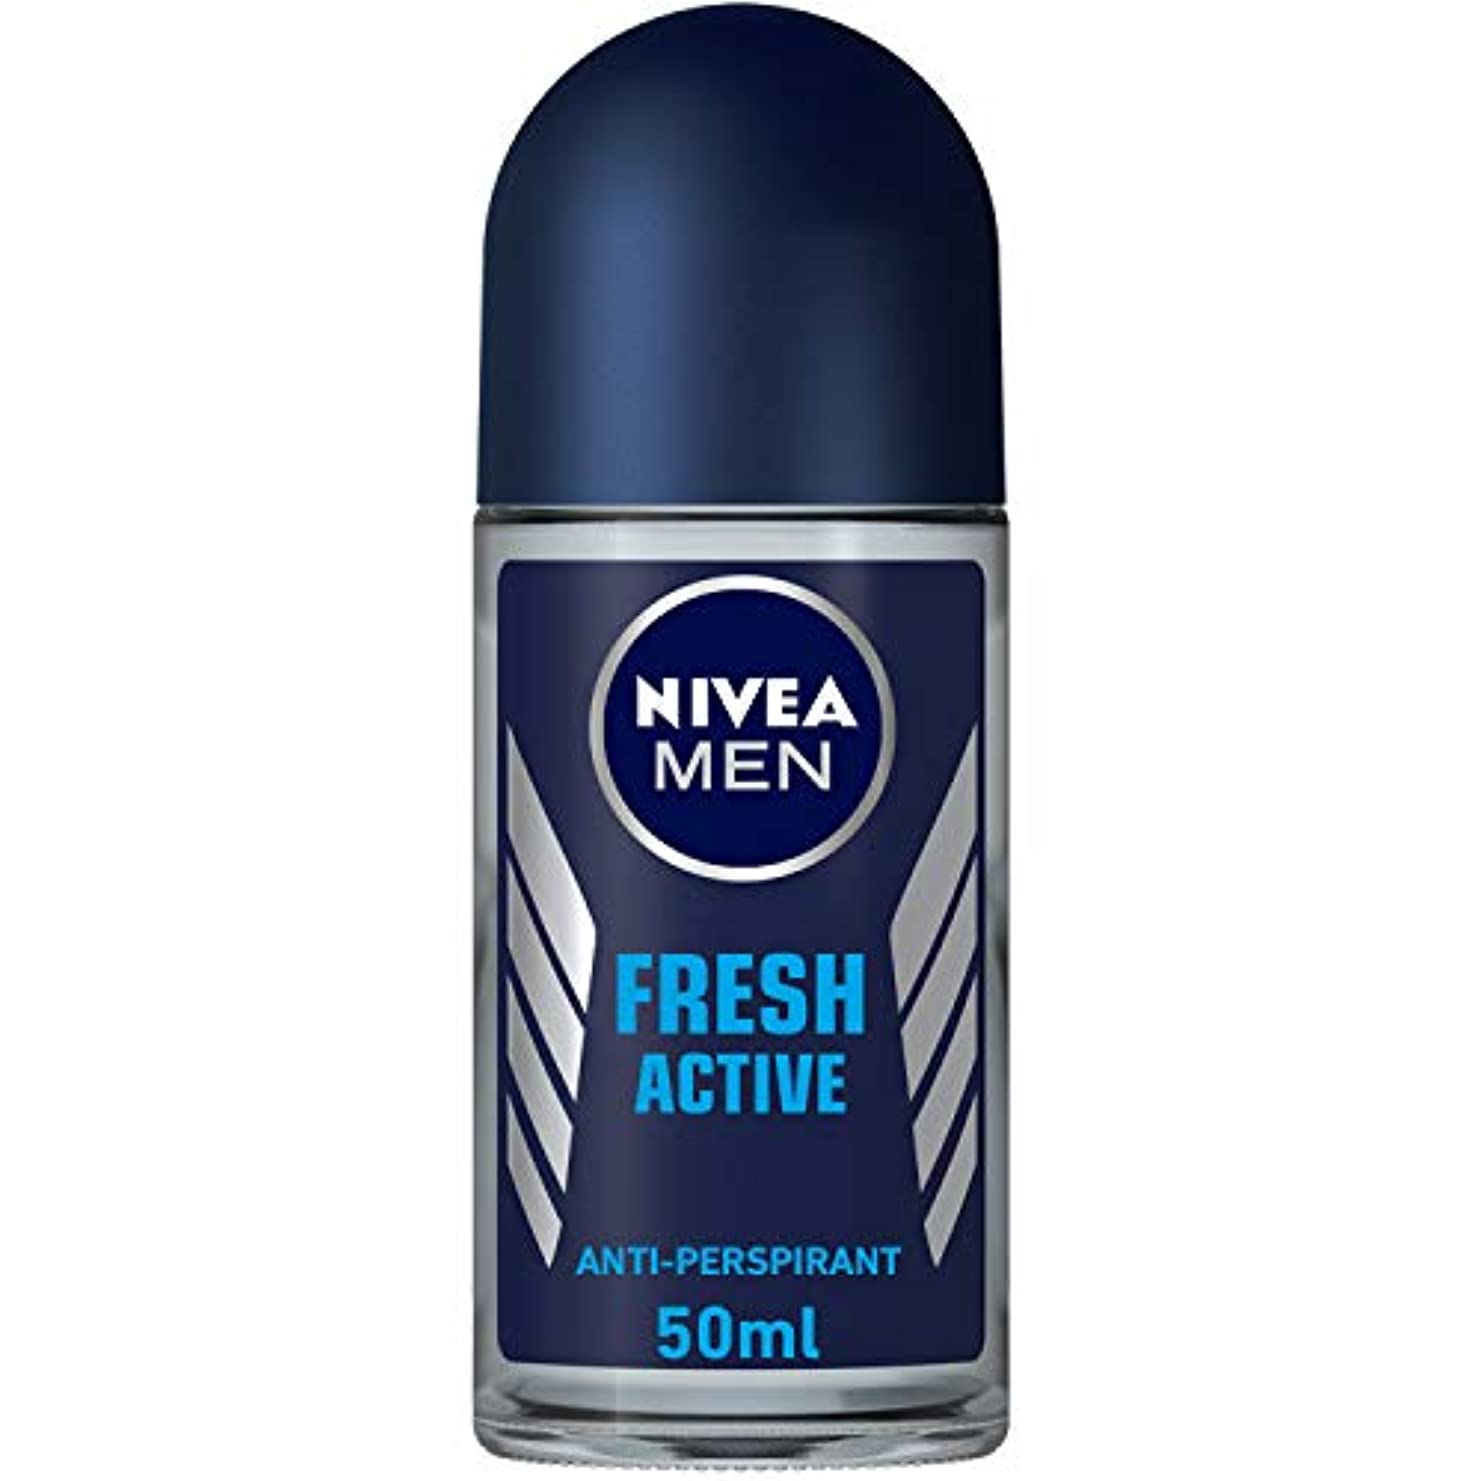 落胆させる二週間が欲しいNIVEA Men Brazil ブラジル製 ニベア メン ロールオンデオドラント フレッシュアクティブ Fresh Active 50ml